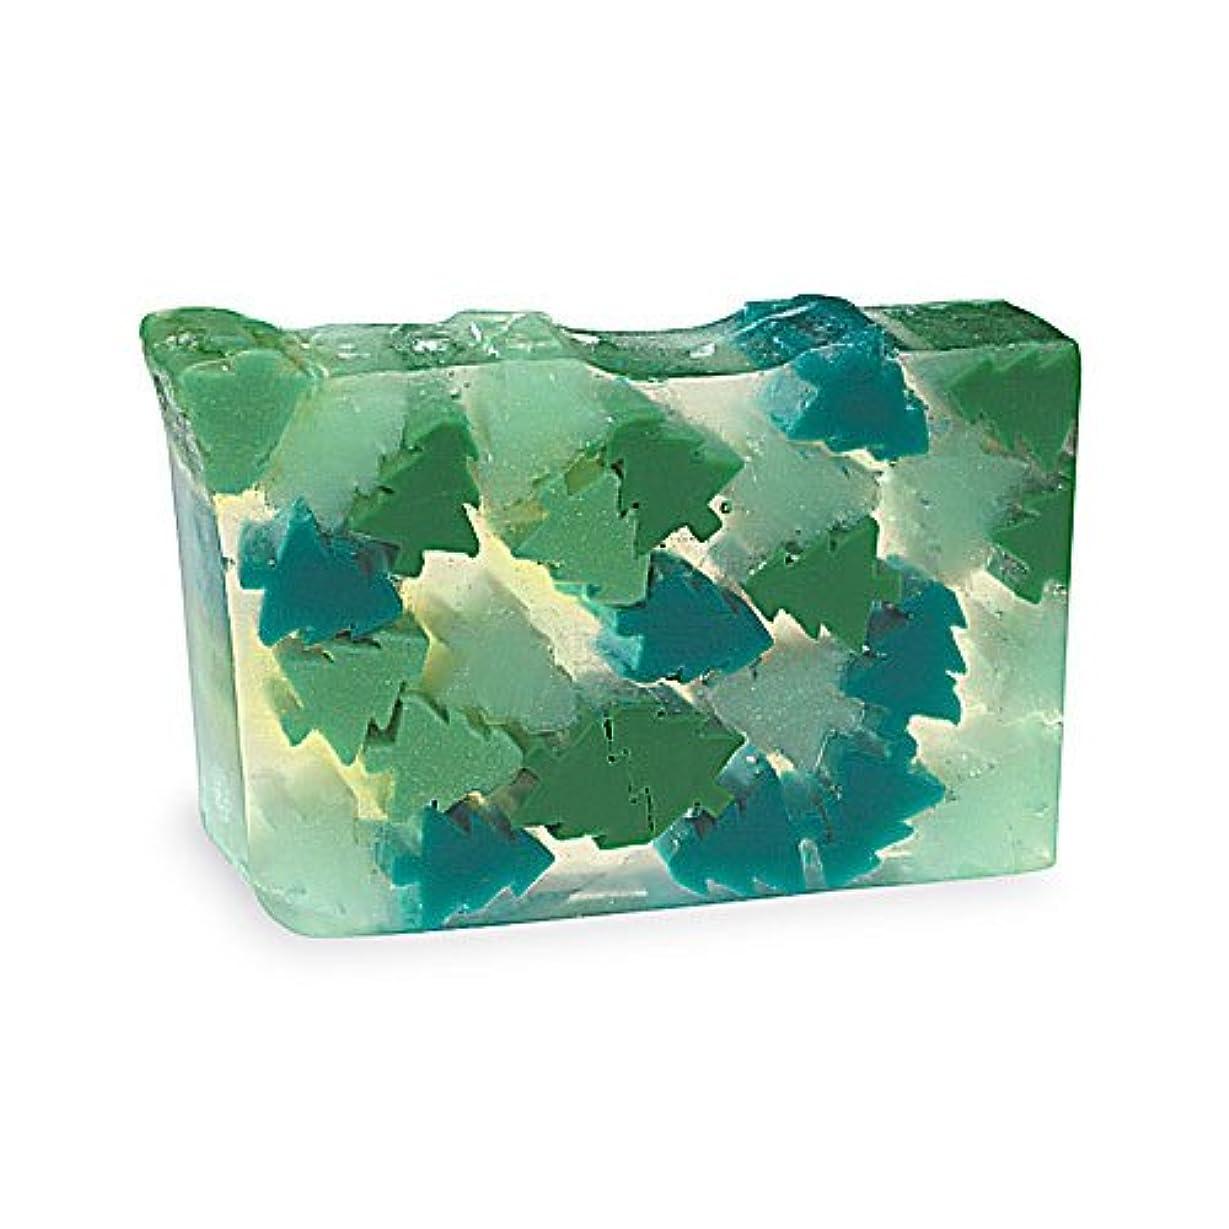 教え冷凍庫資産プライモールエレメンツ アロマティック ソープ エバーグリーンツイスト 180g 植物性 ナチュラル 石鹸 無添加